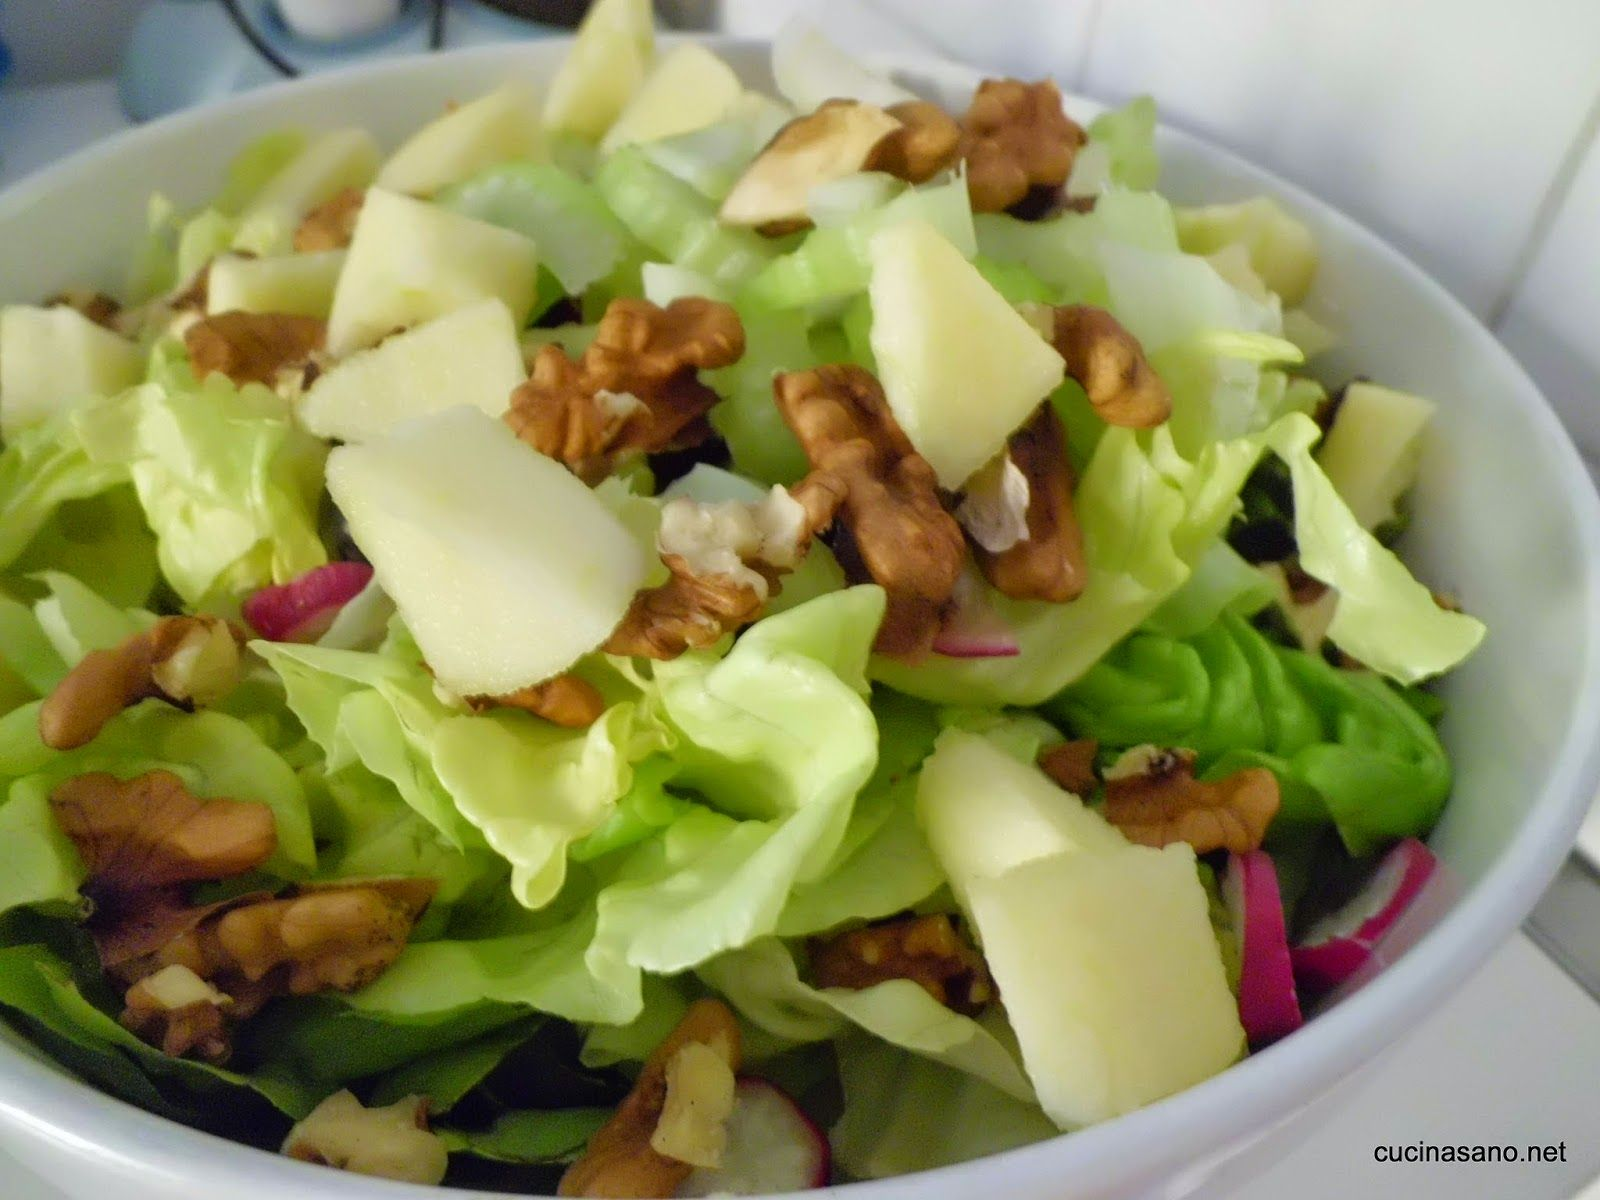 Ricette e salute insalata invernale mele e noci le for Insalate ricette